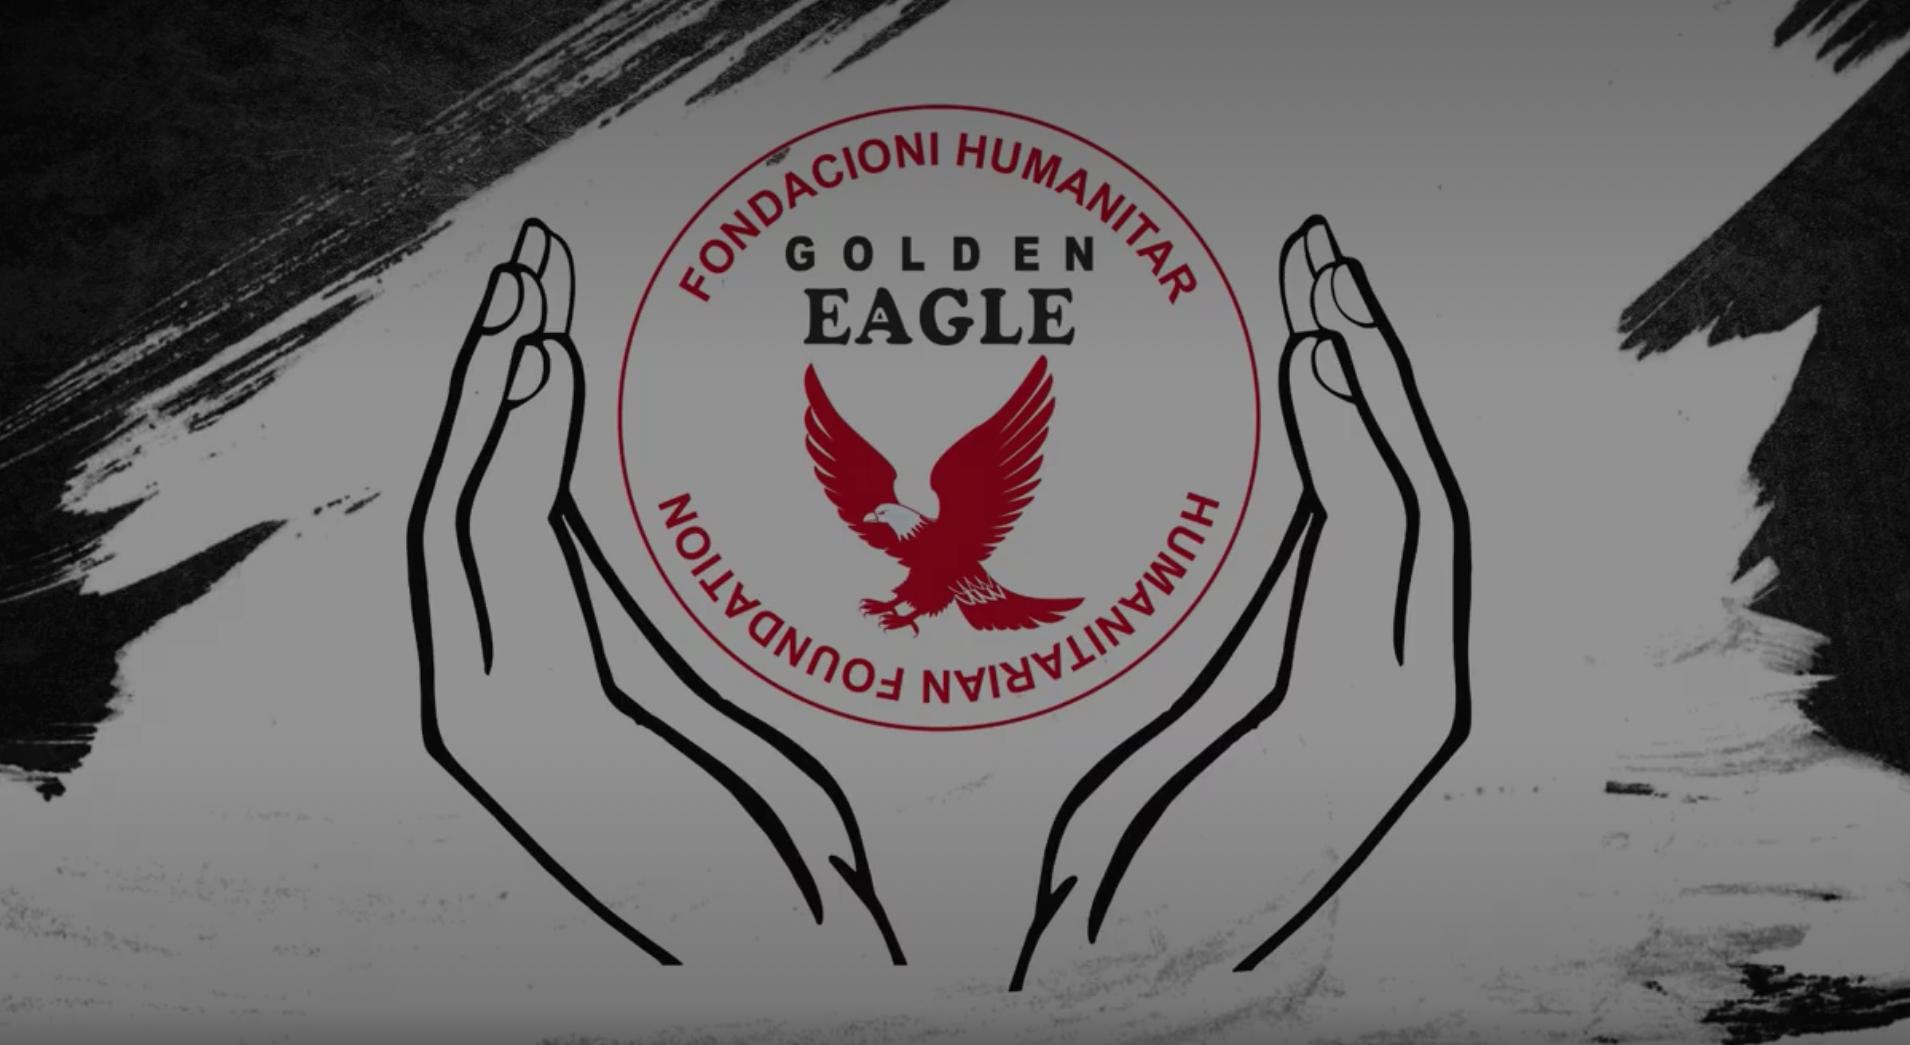 """Fonacioni Humanitar """"Golden Eagle"""" gëzon 70 familje për festën e Kurban Bajramit"""